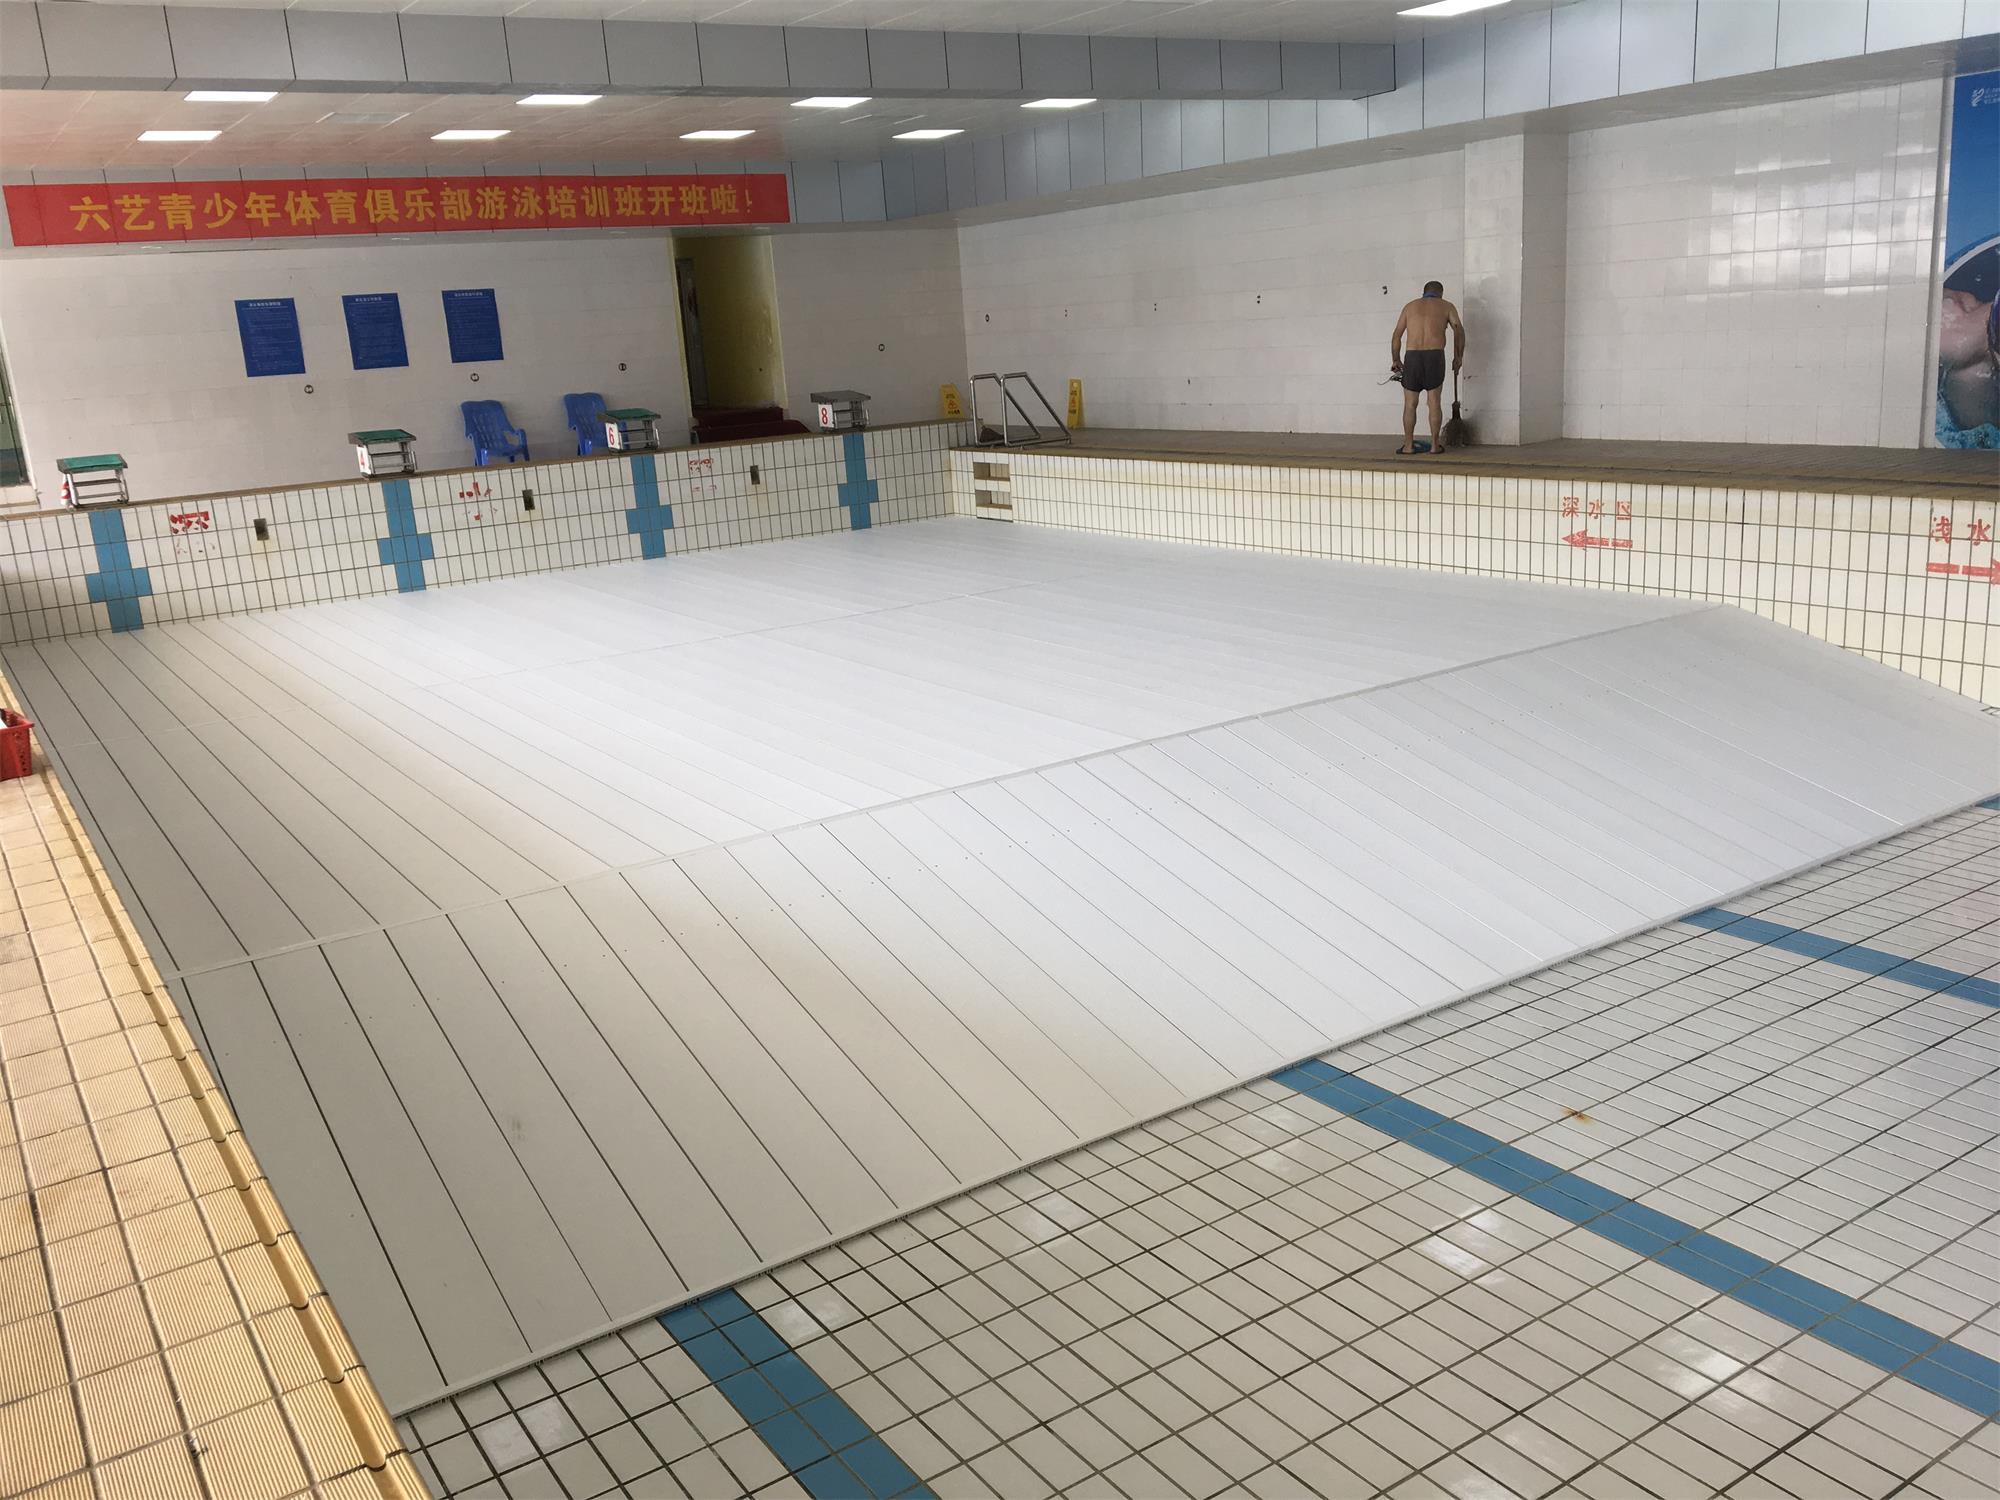 宁德市六艺青少年体育俱乐部不带护栏平整再接缓坡泳池垫层案例